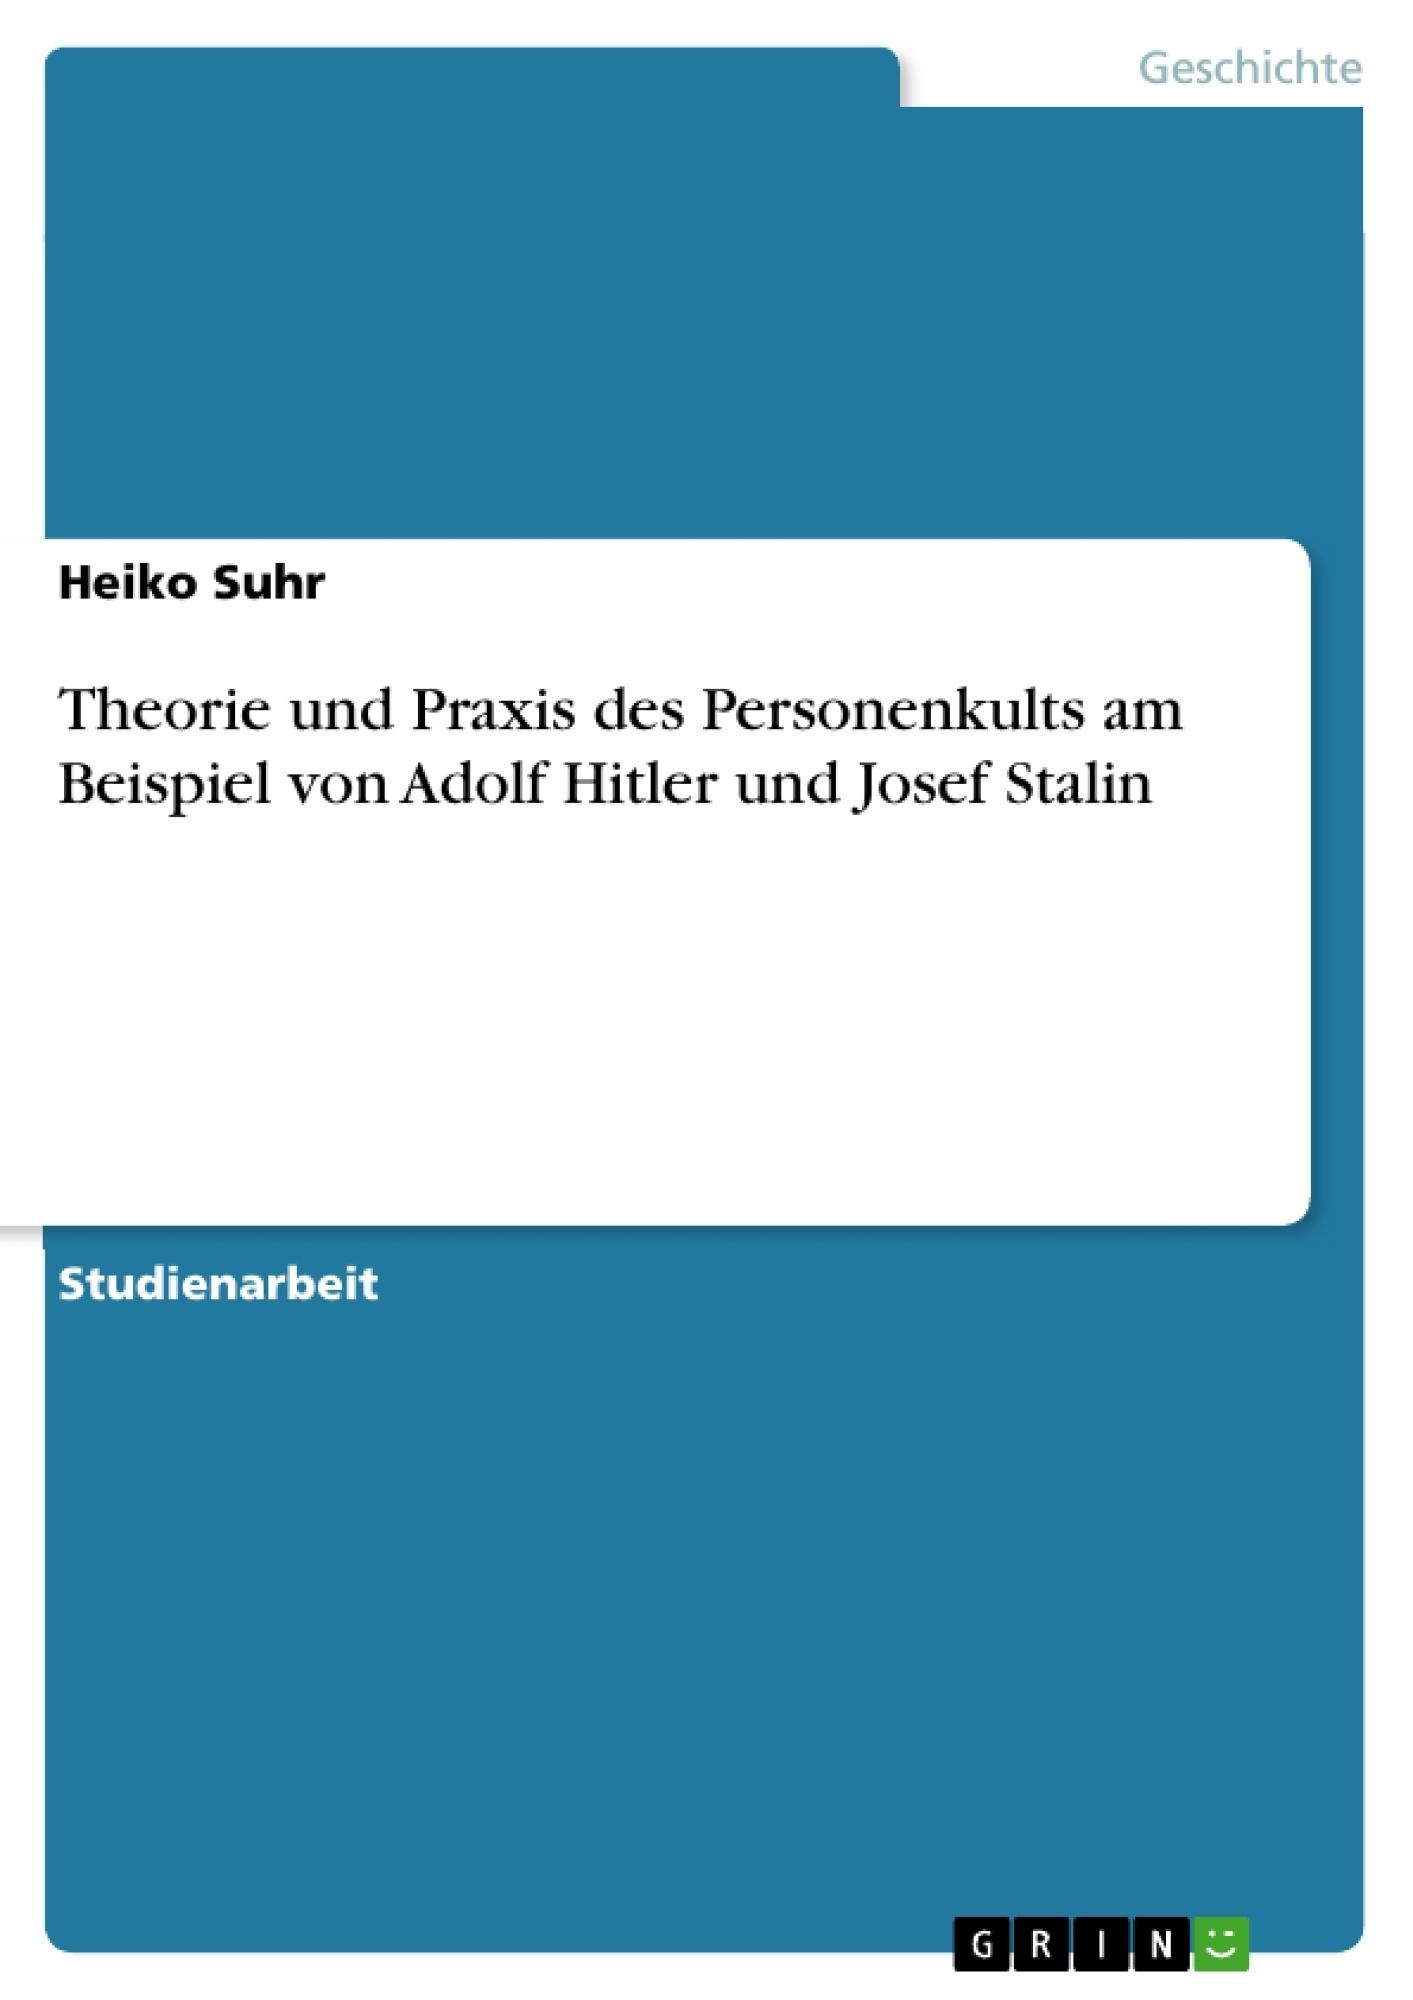 Titel: Theorie und Praxis des Personenkults am Beispiel von Adolf Hitler und Josef Stalin